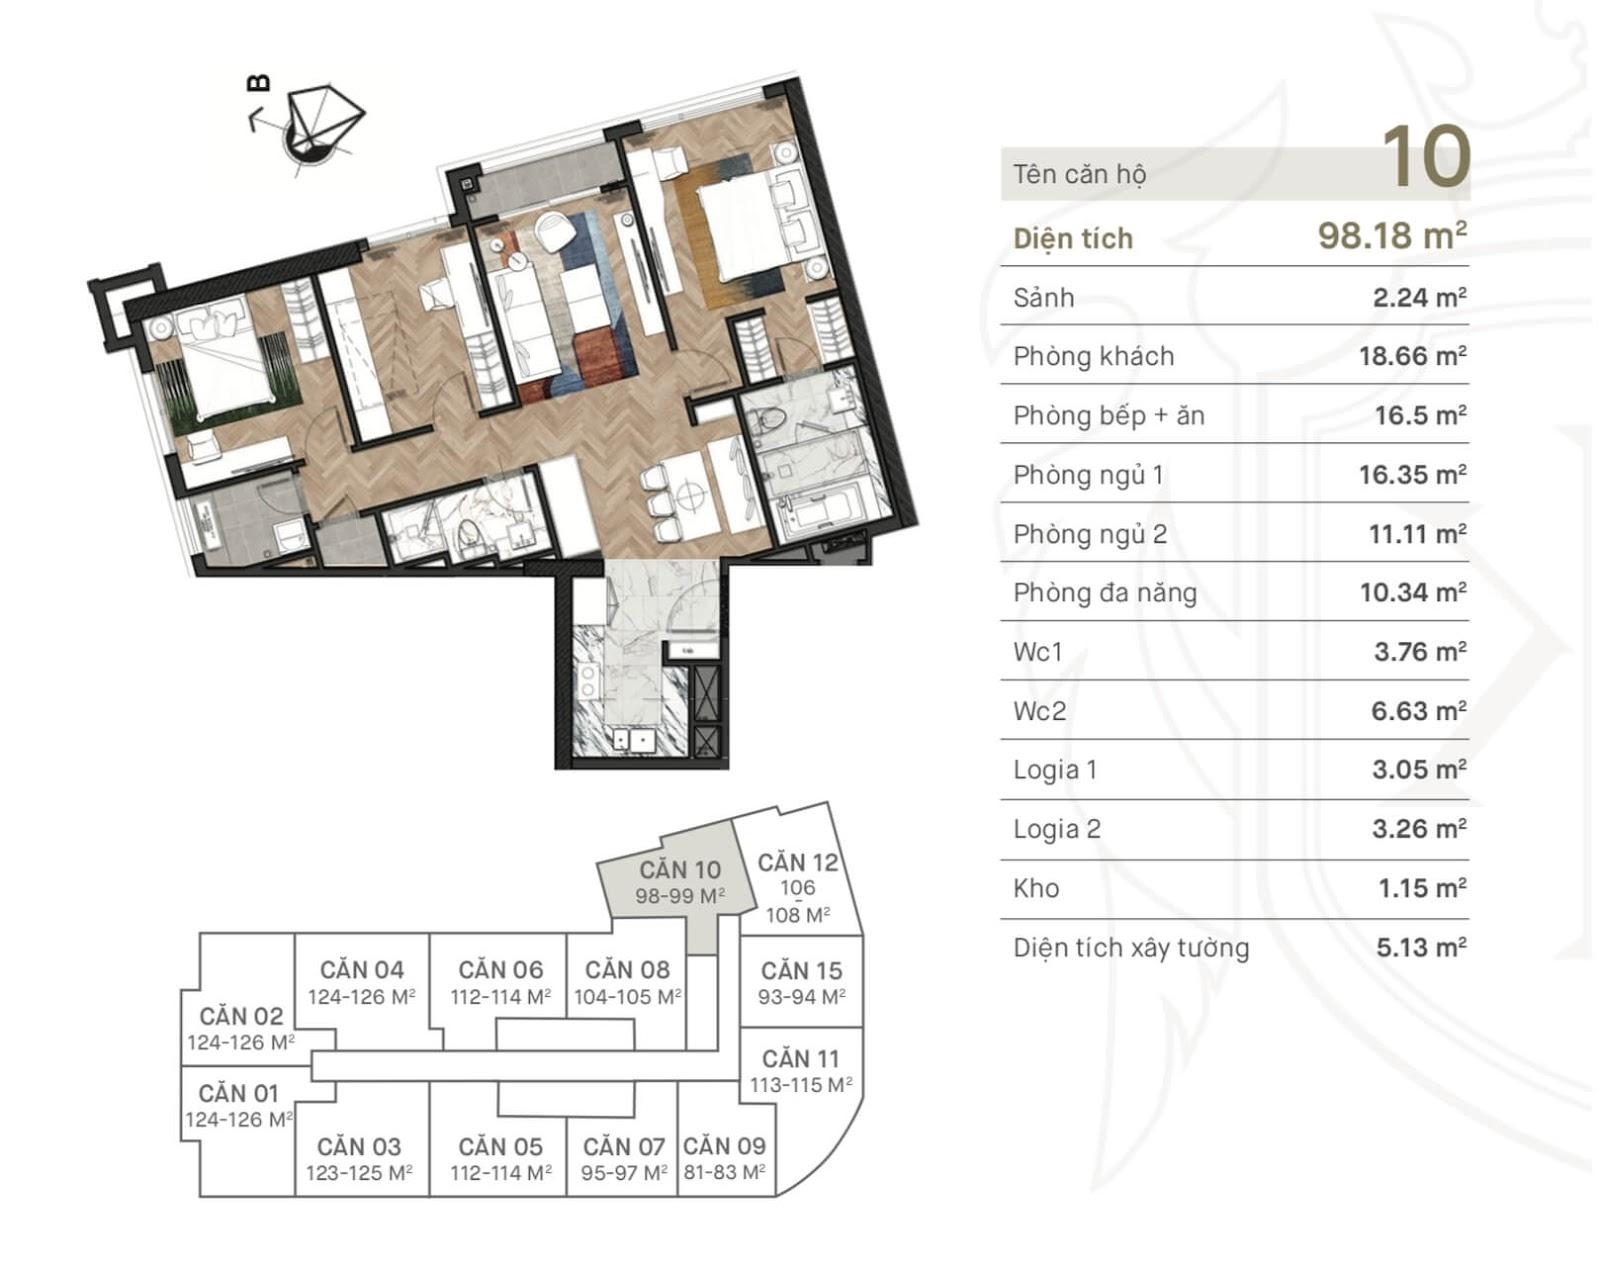 Thiết kế căn hộ 10 chung cư King Palace